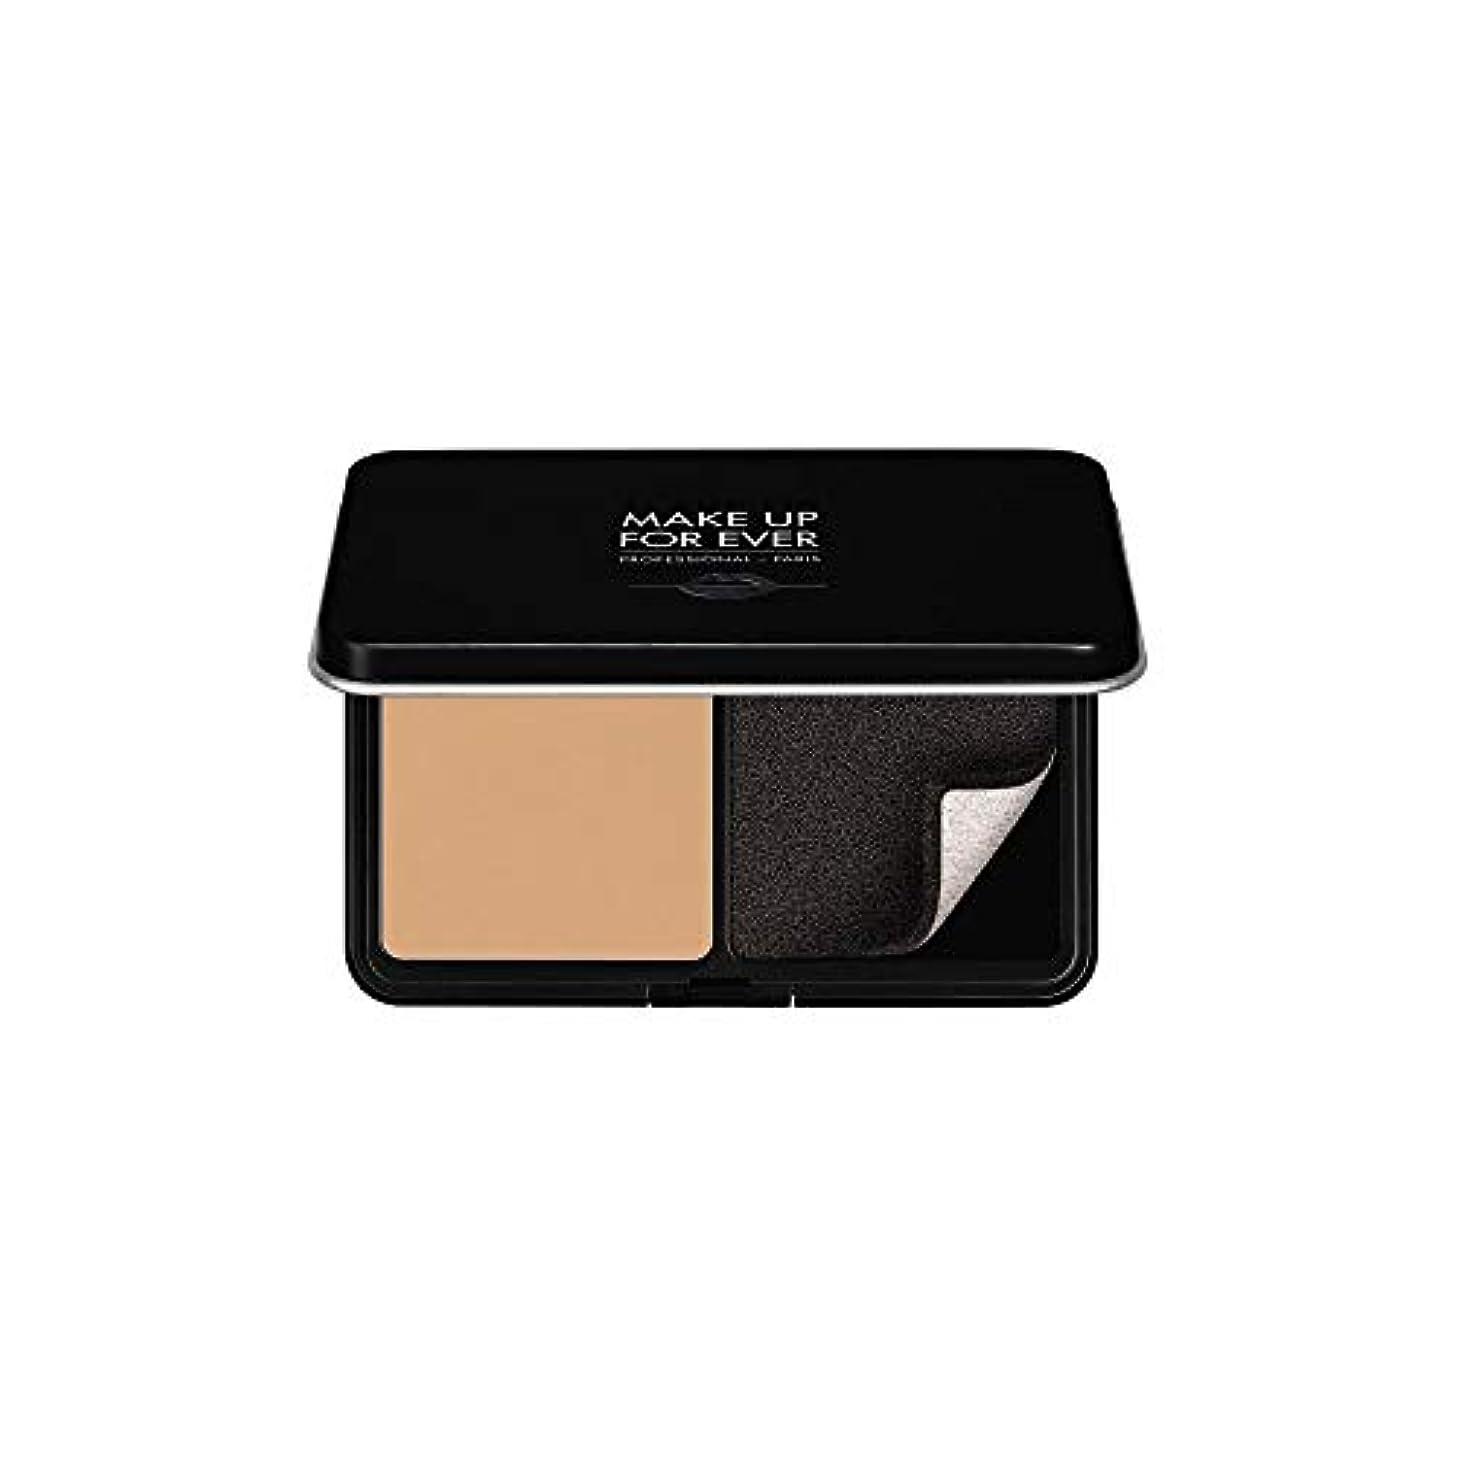 識別王女乱すメイクアップフォーエバー Matte Velvet Skin Blurring Powder Foundation - # Y355 (Neutral Beige) 11g/0.38oz並行輸入品